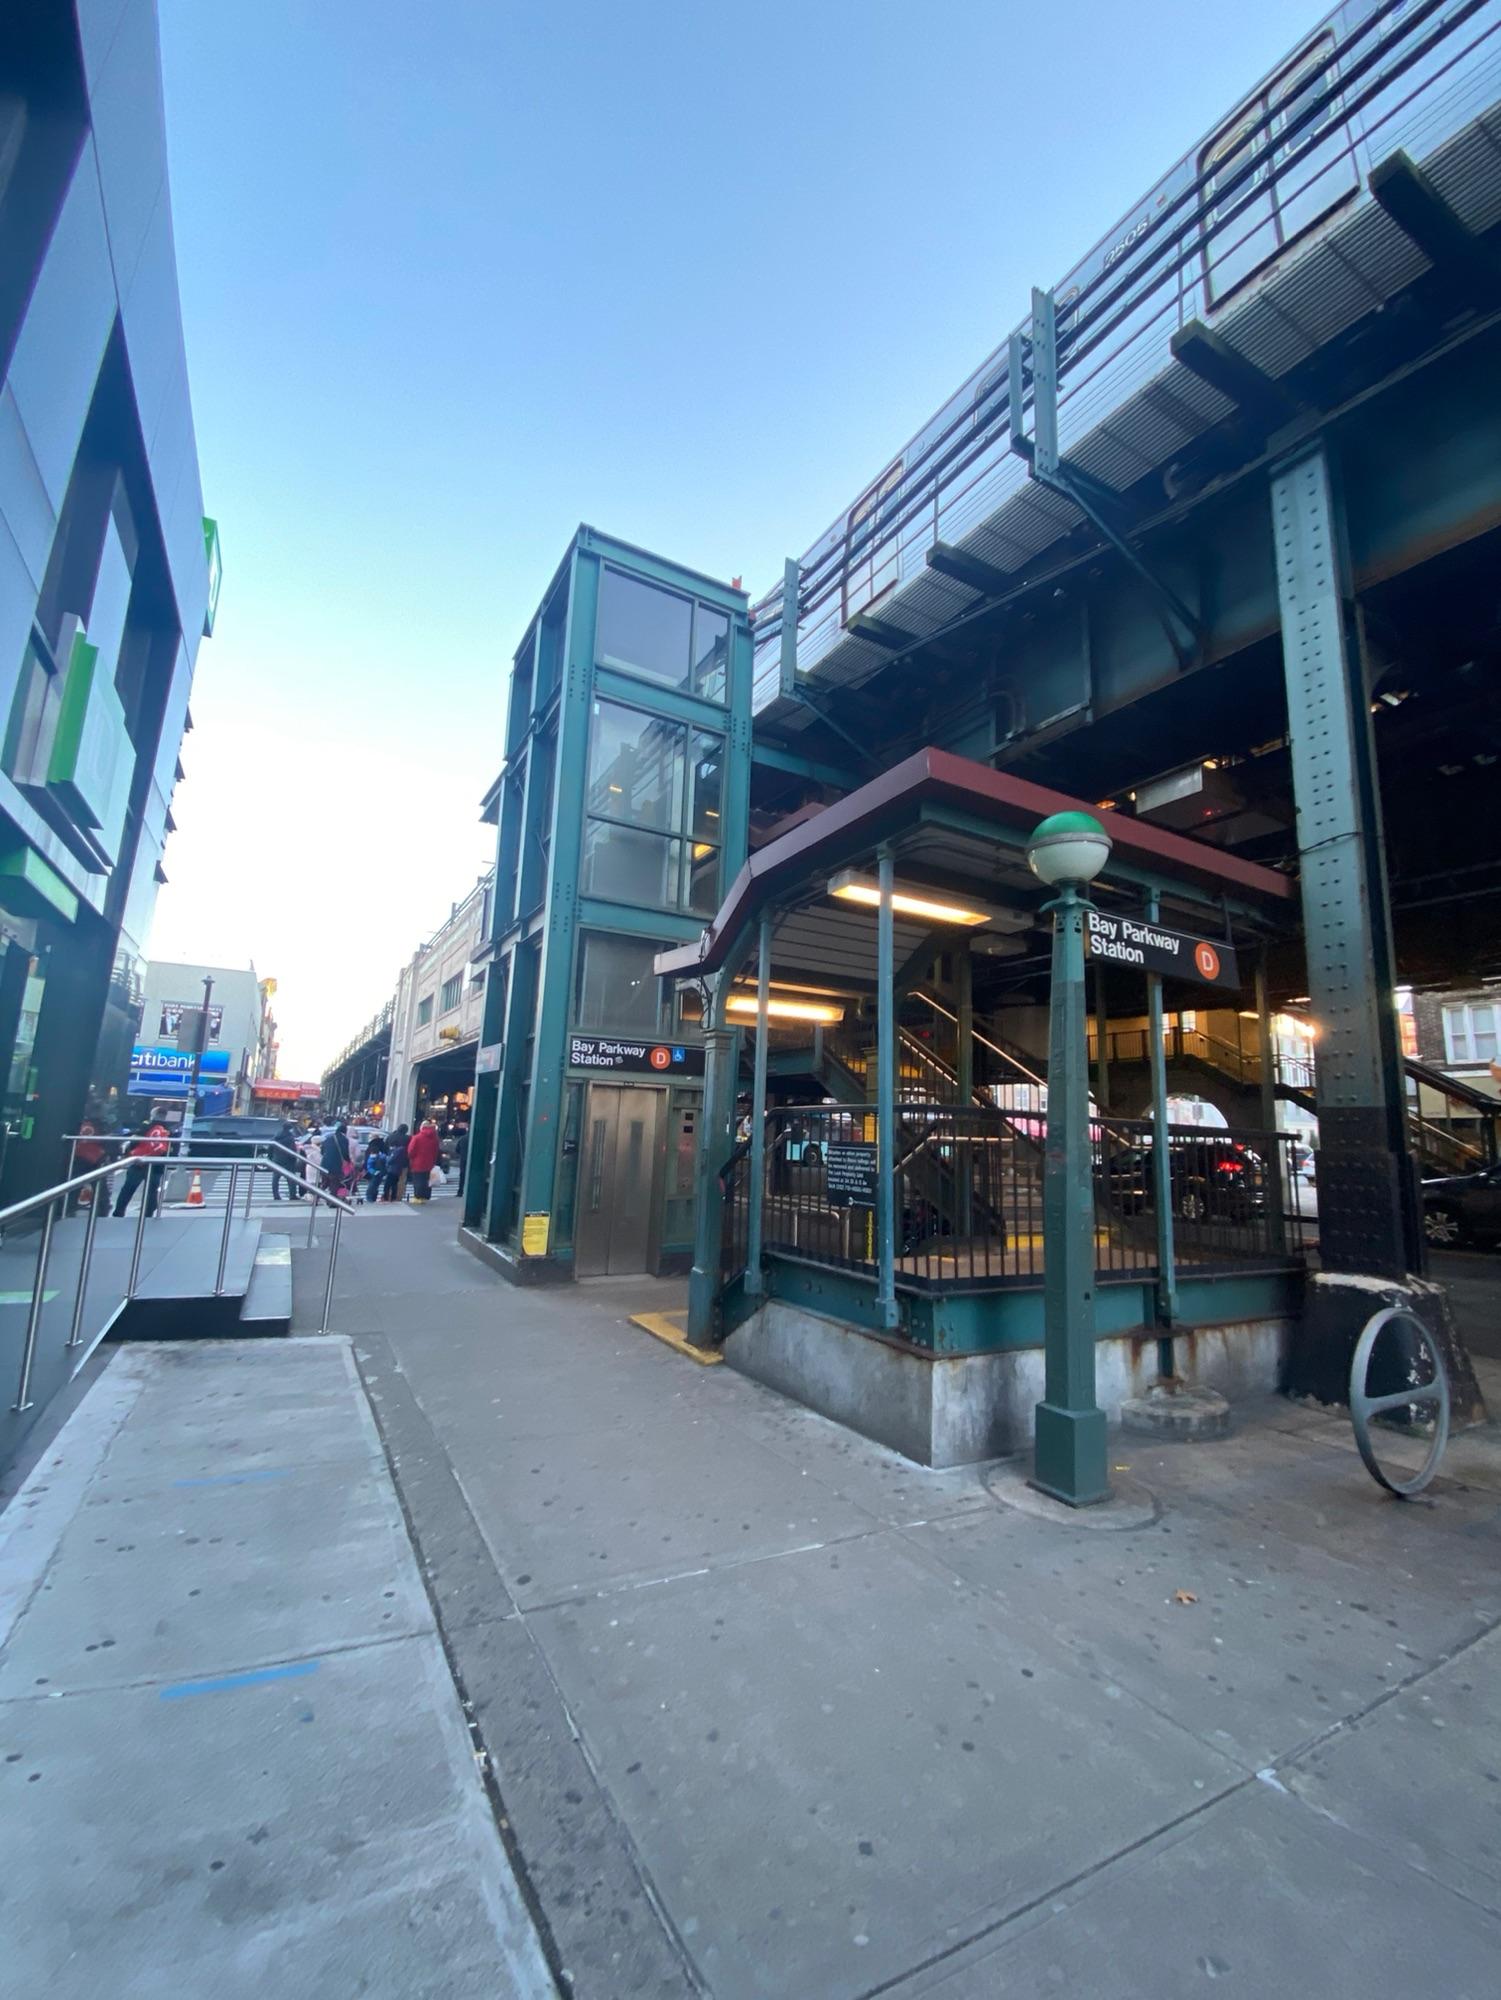 Во многих  районах Бруклина проходит надземное метро.Здесь его называют трейн - поезд.Наша улица под трейном. 86-я.